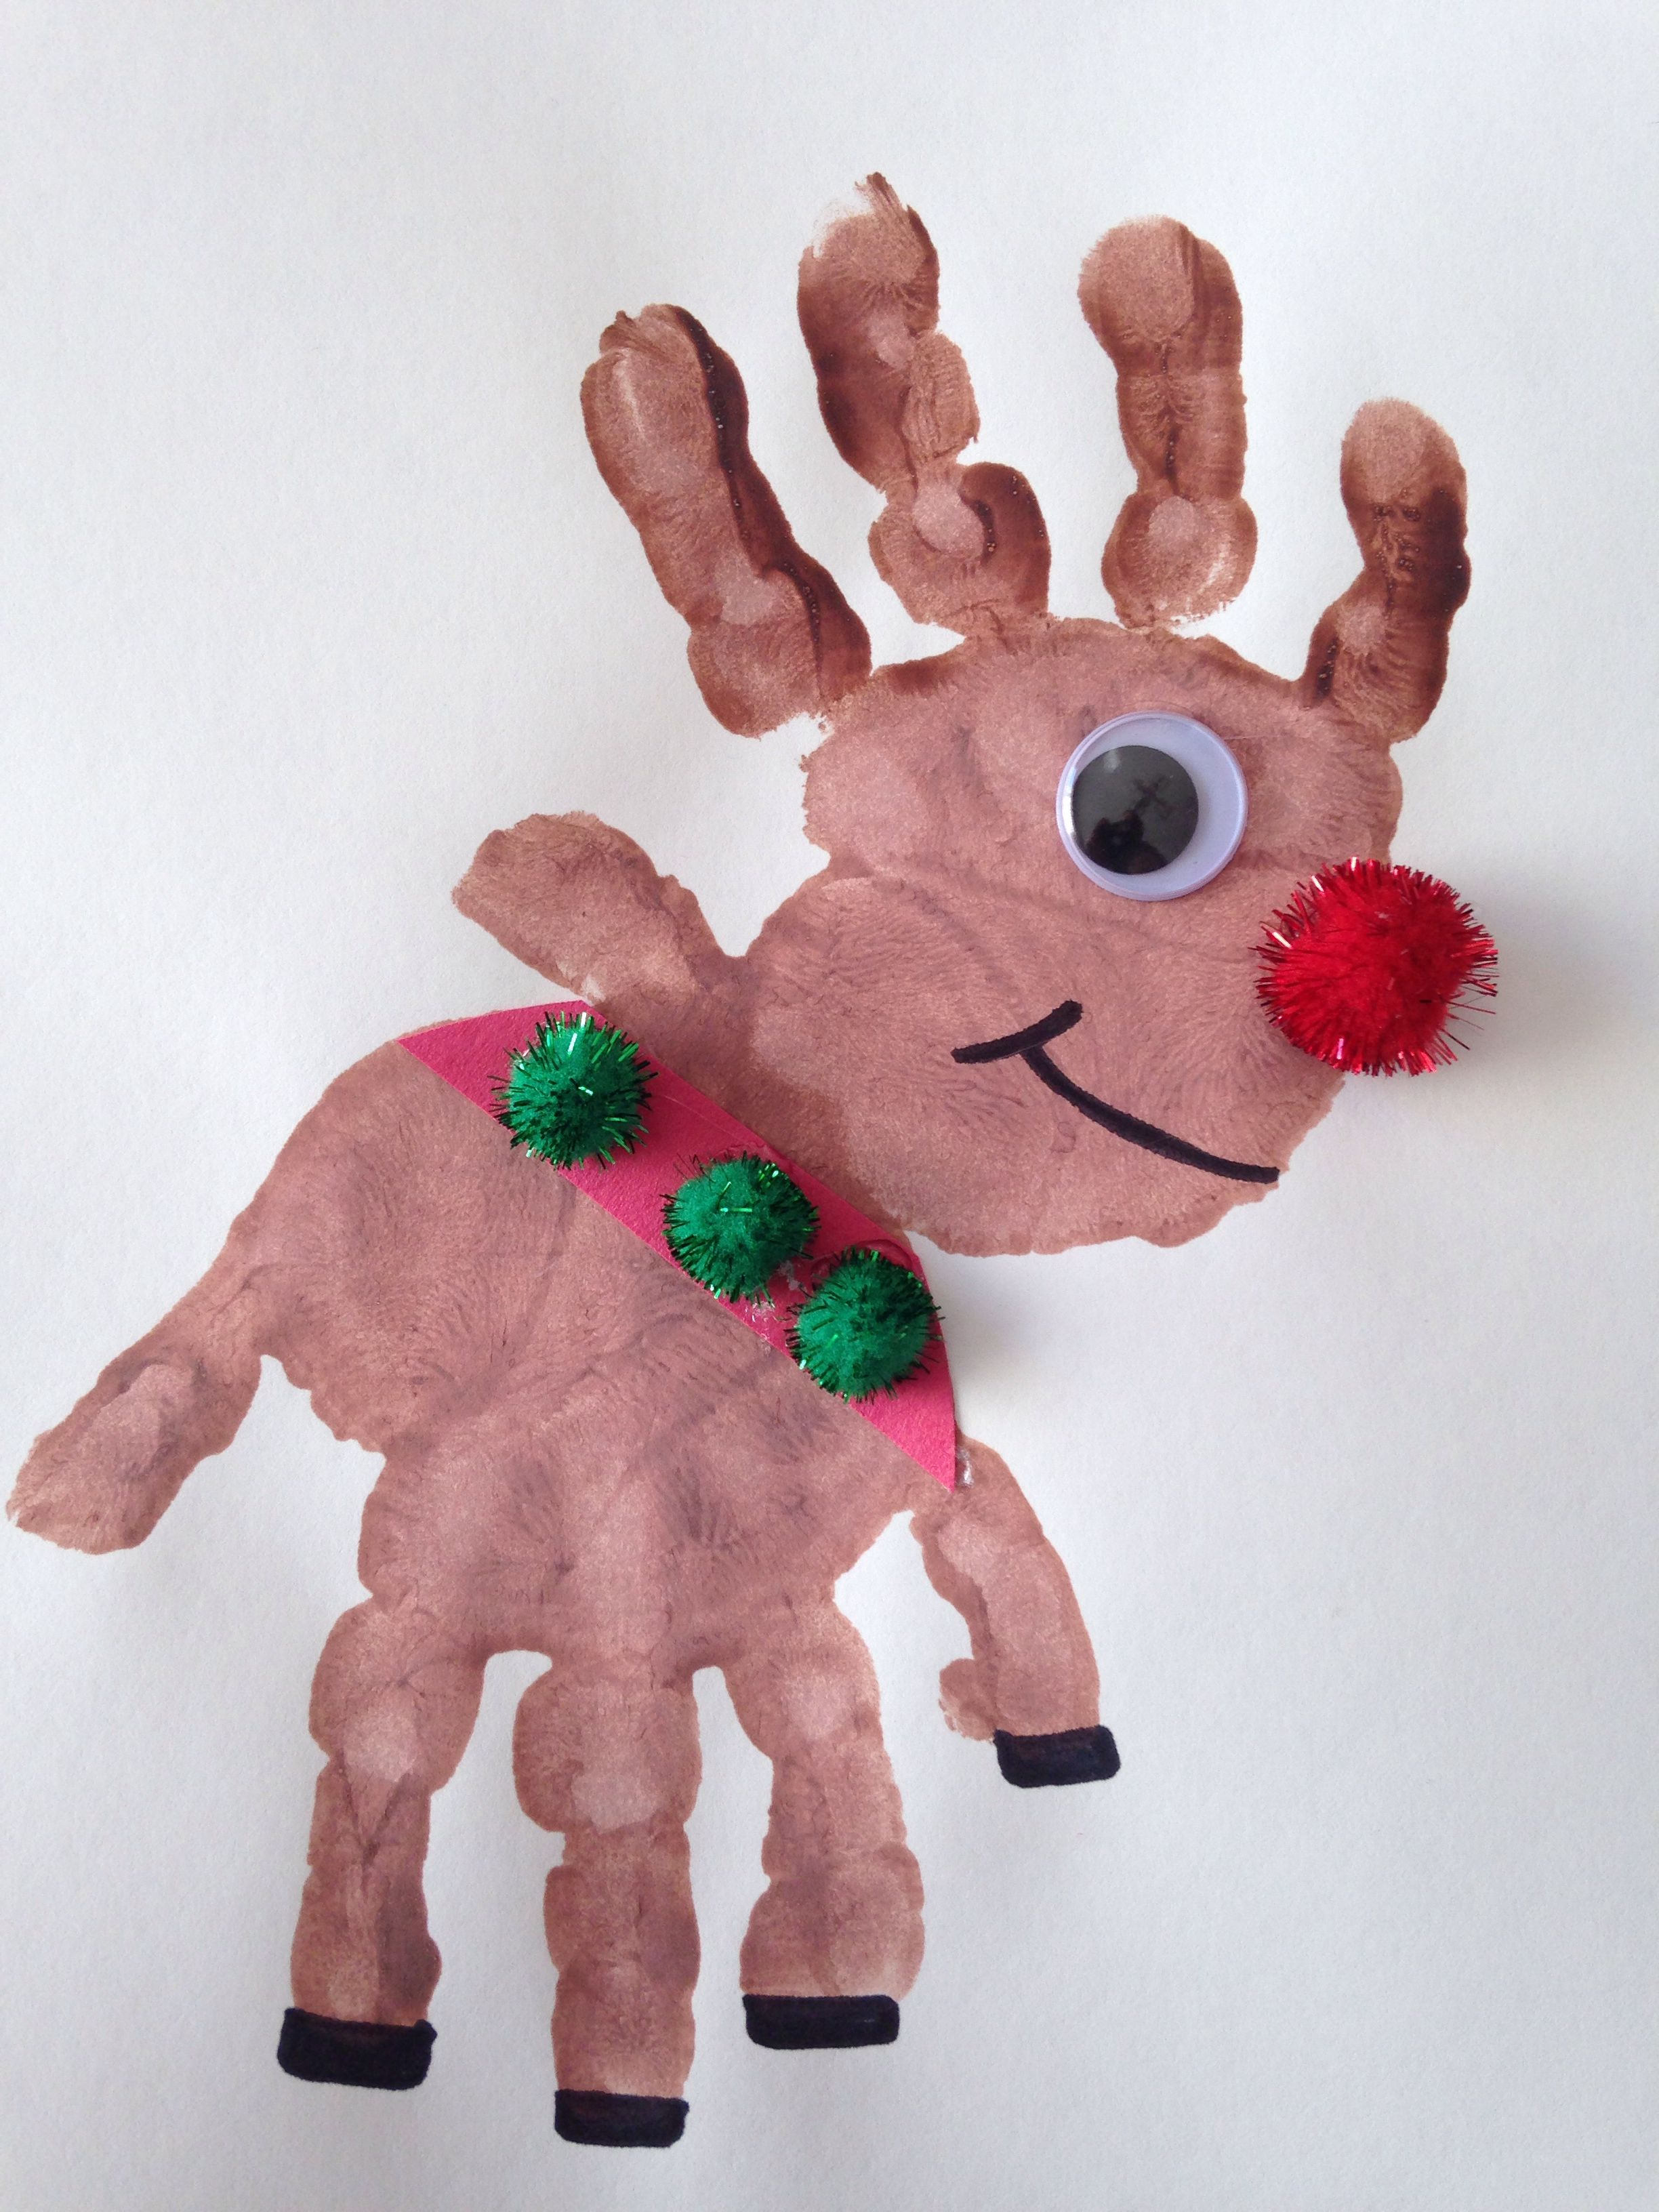 10 Handprint Christmas Crafts for Kids Christmas